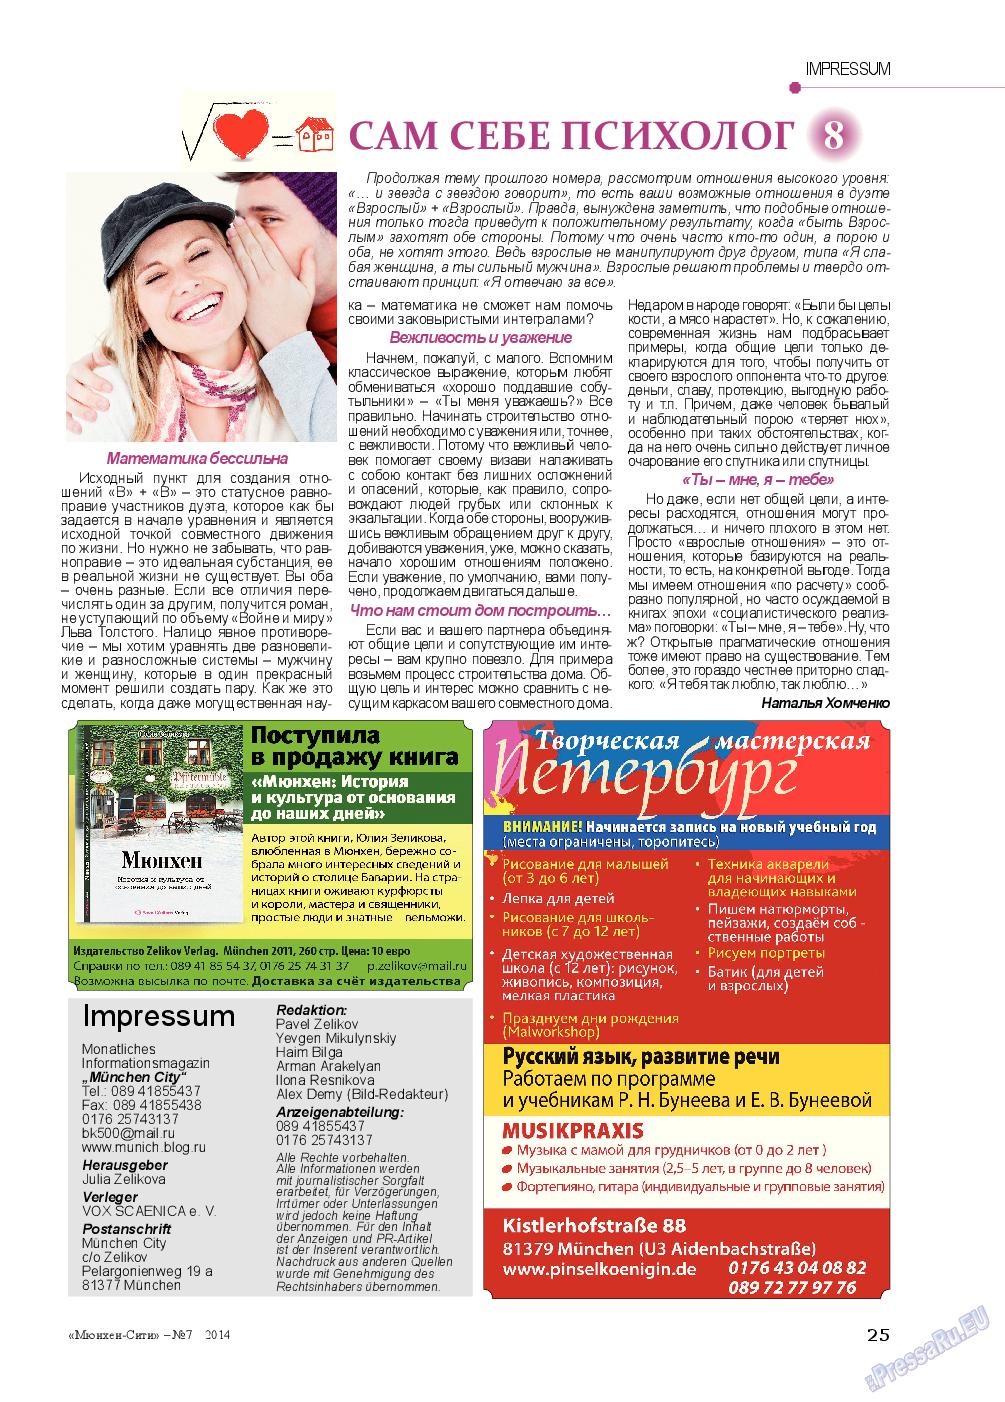 Мюнхен-сити (журнал). 2014 год, номер 7, стр. 25